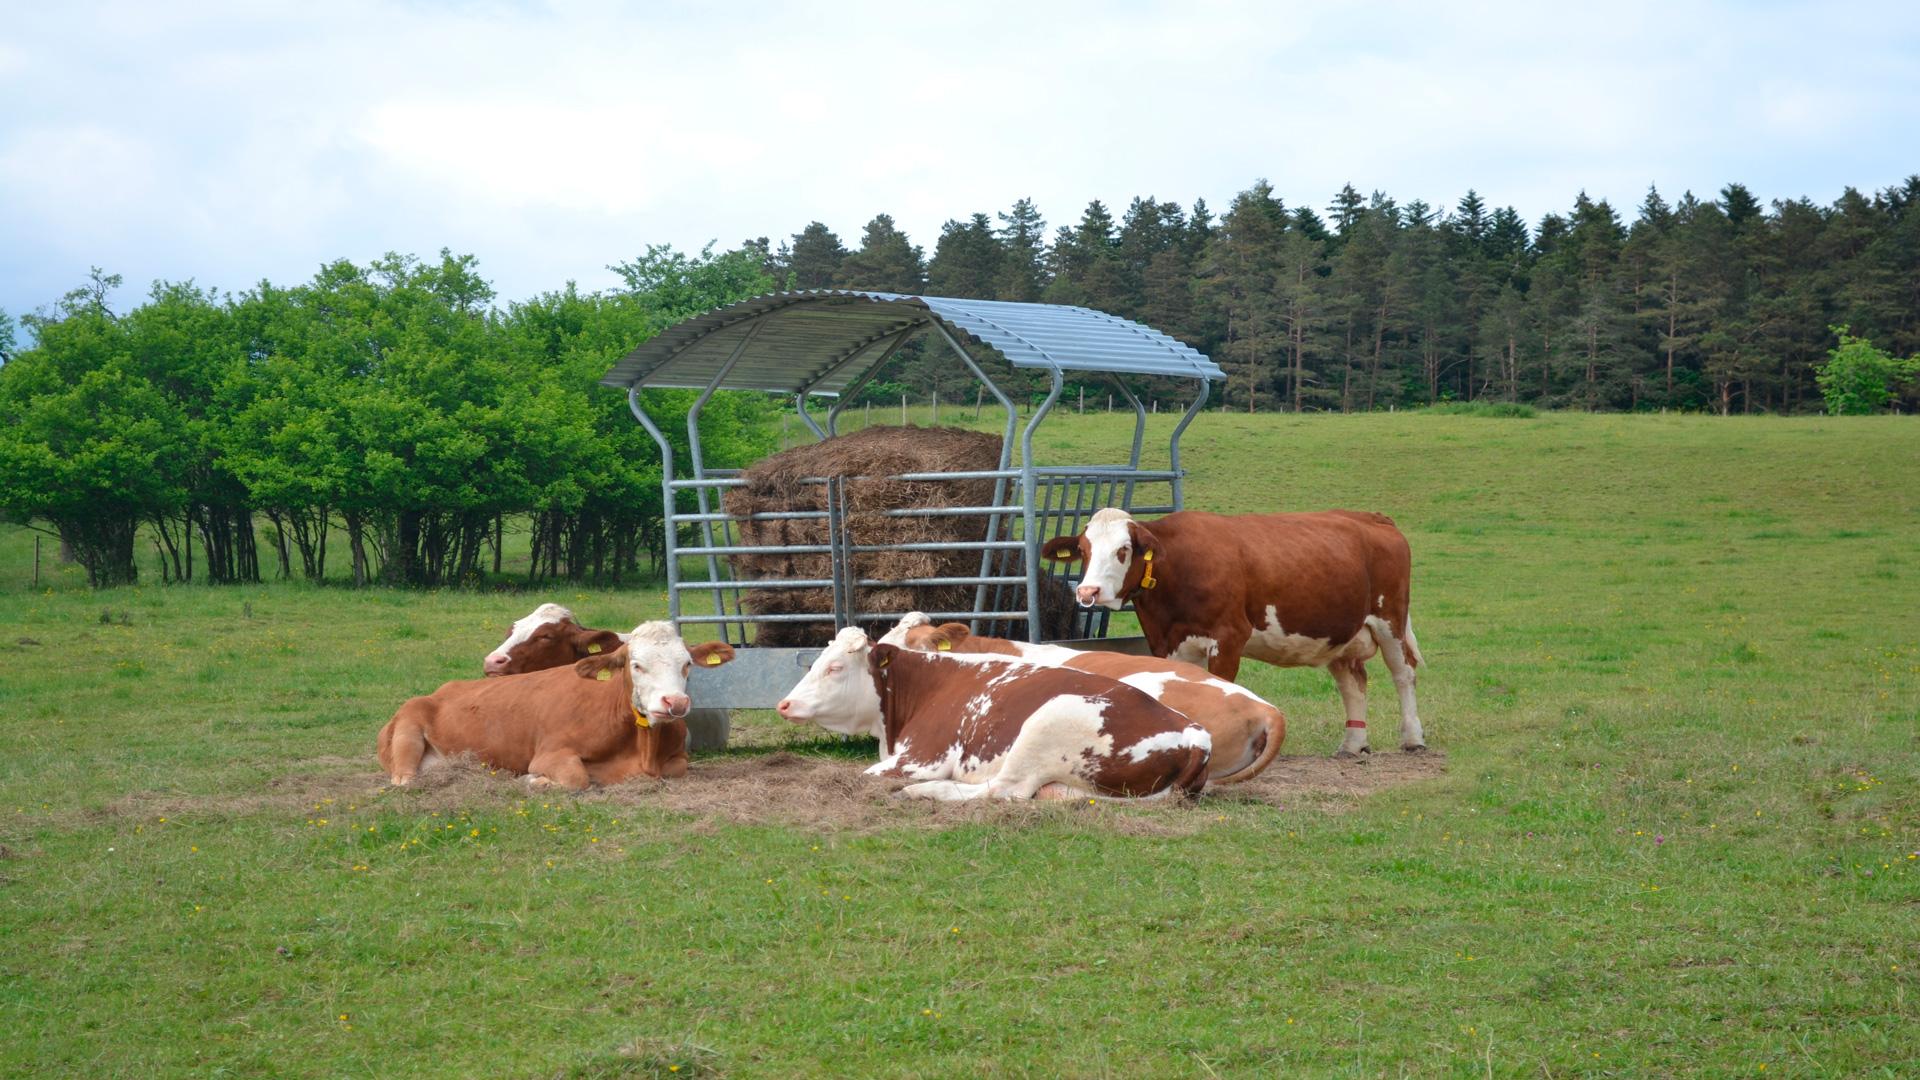 Un ahorro de 0,5 euros en la ración de una vaca si el ensilado es bueno